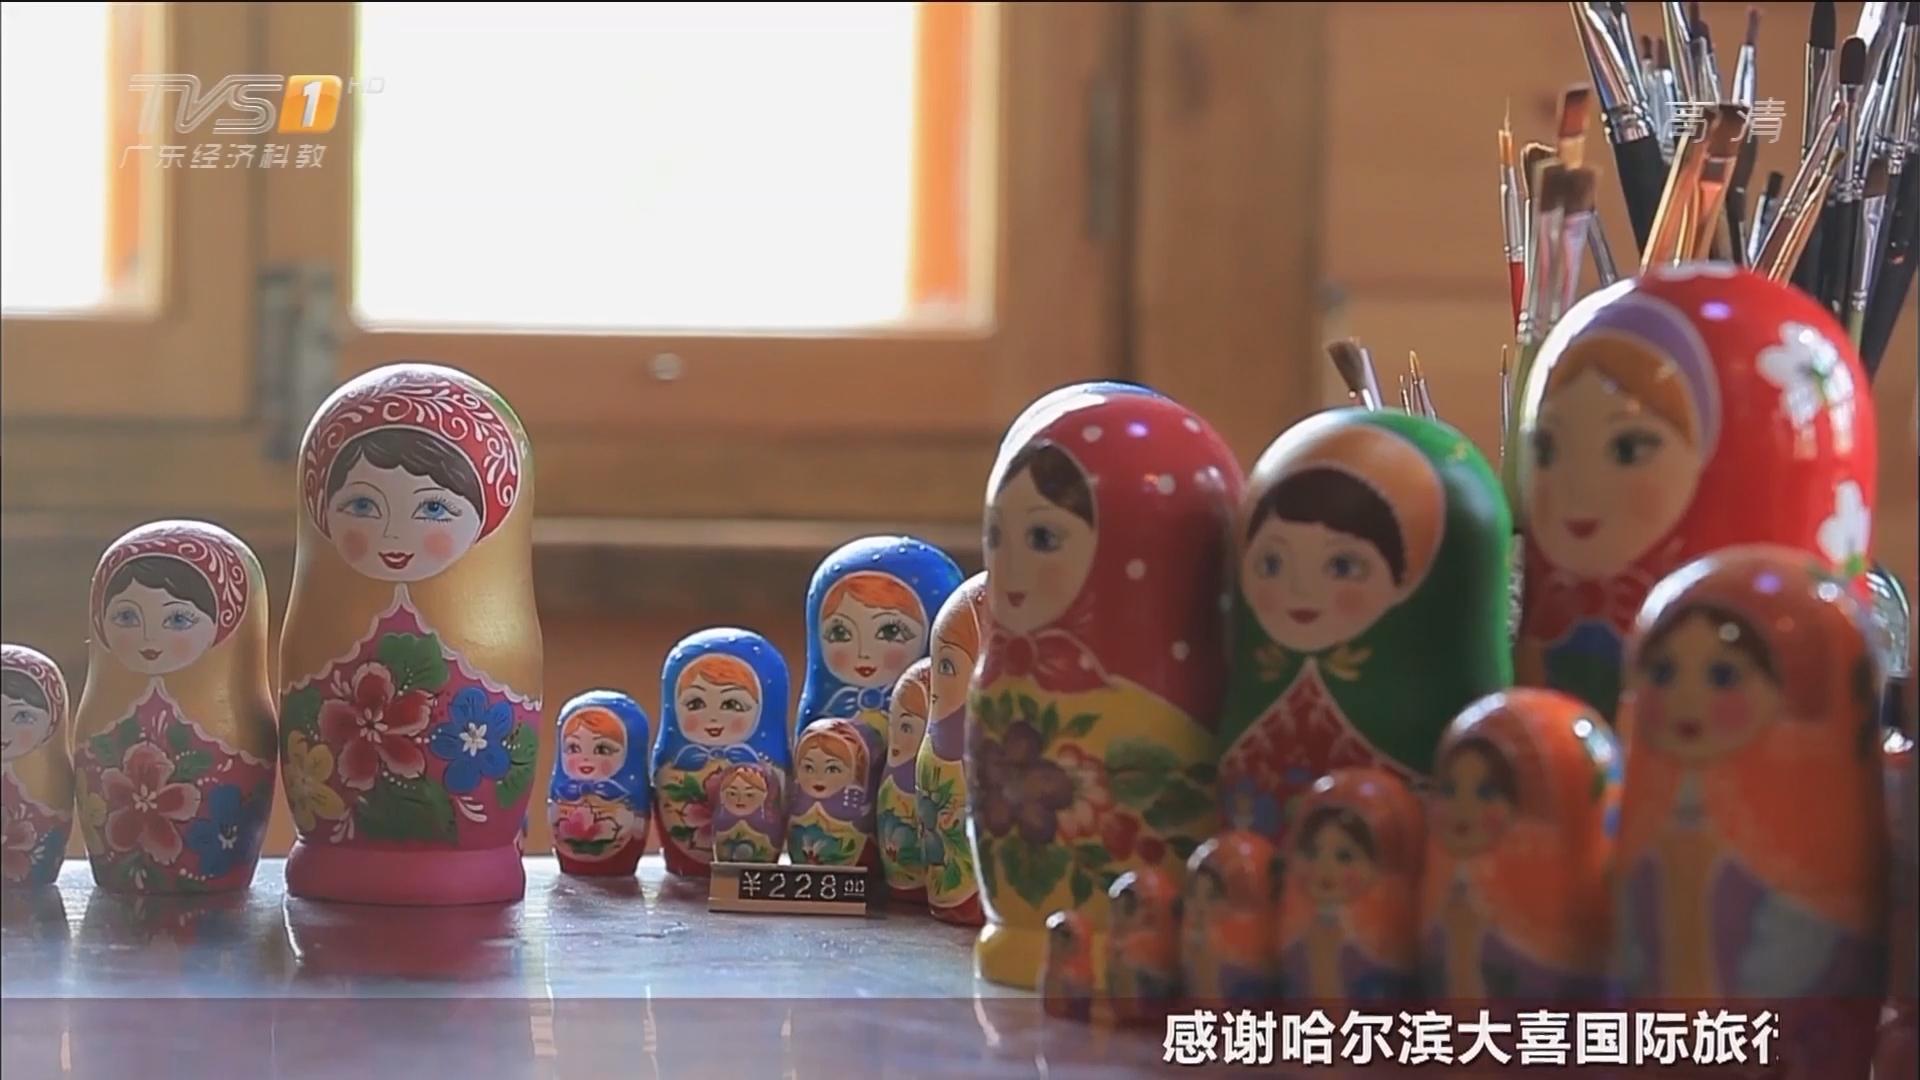 哈尔滨——套头娃娃